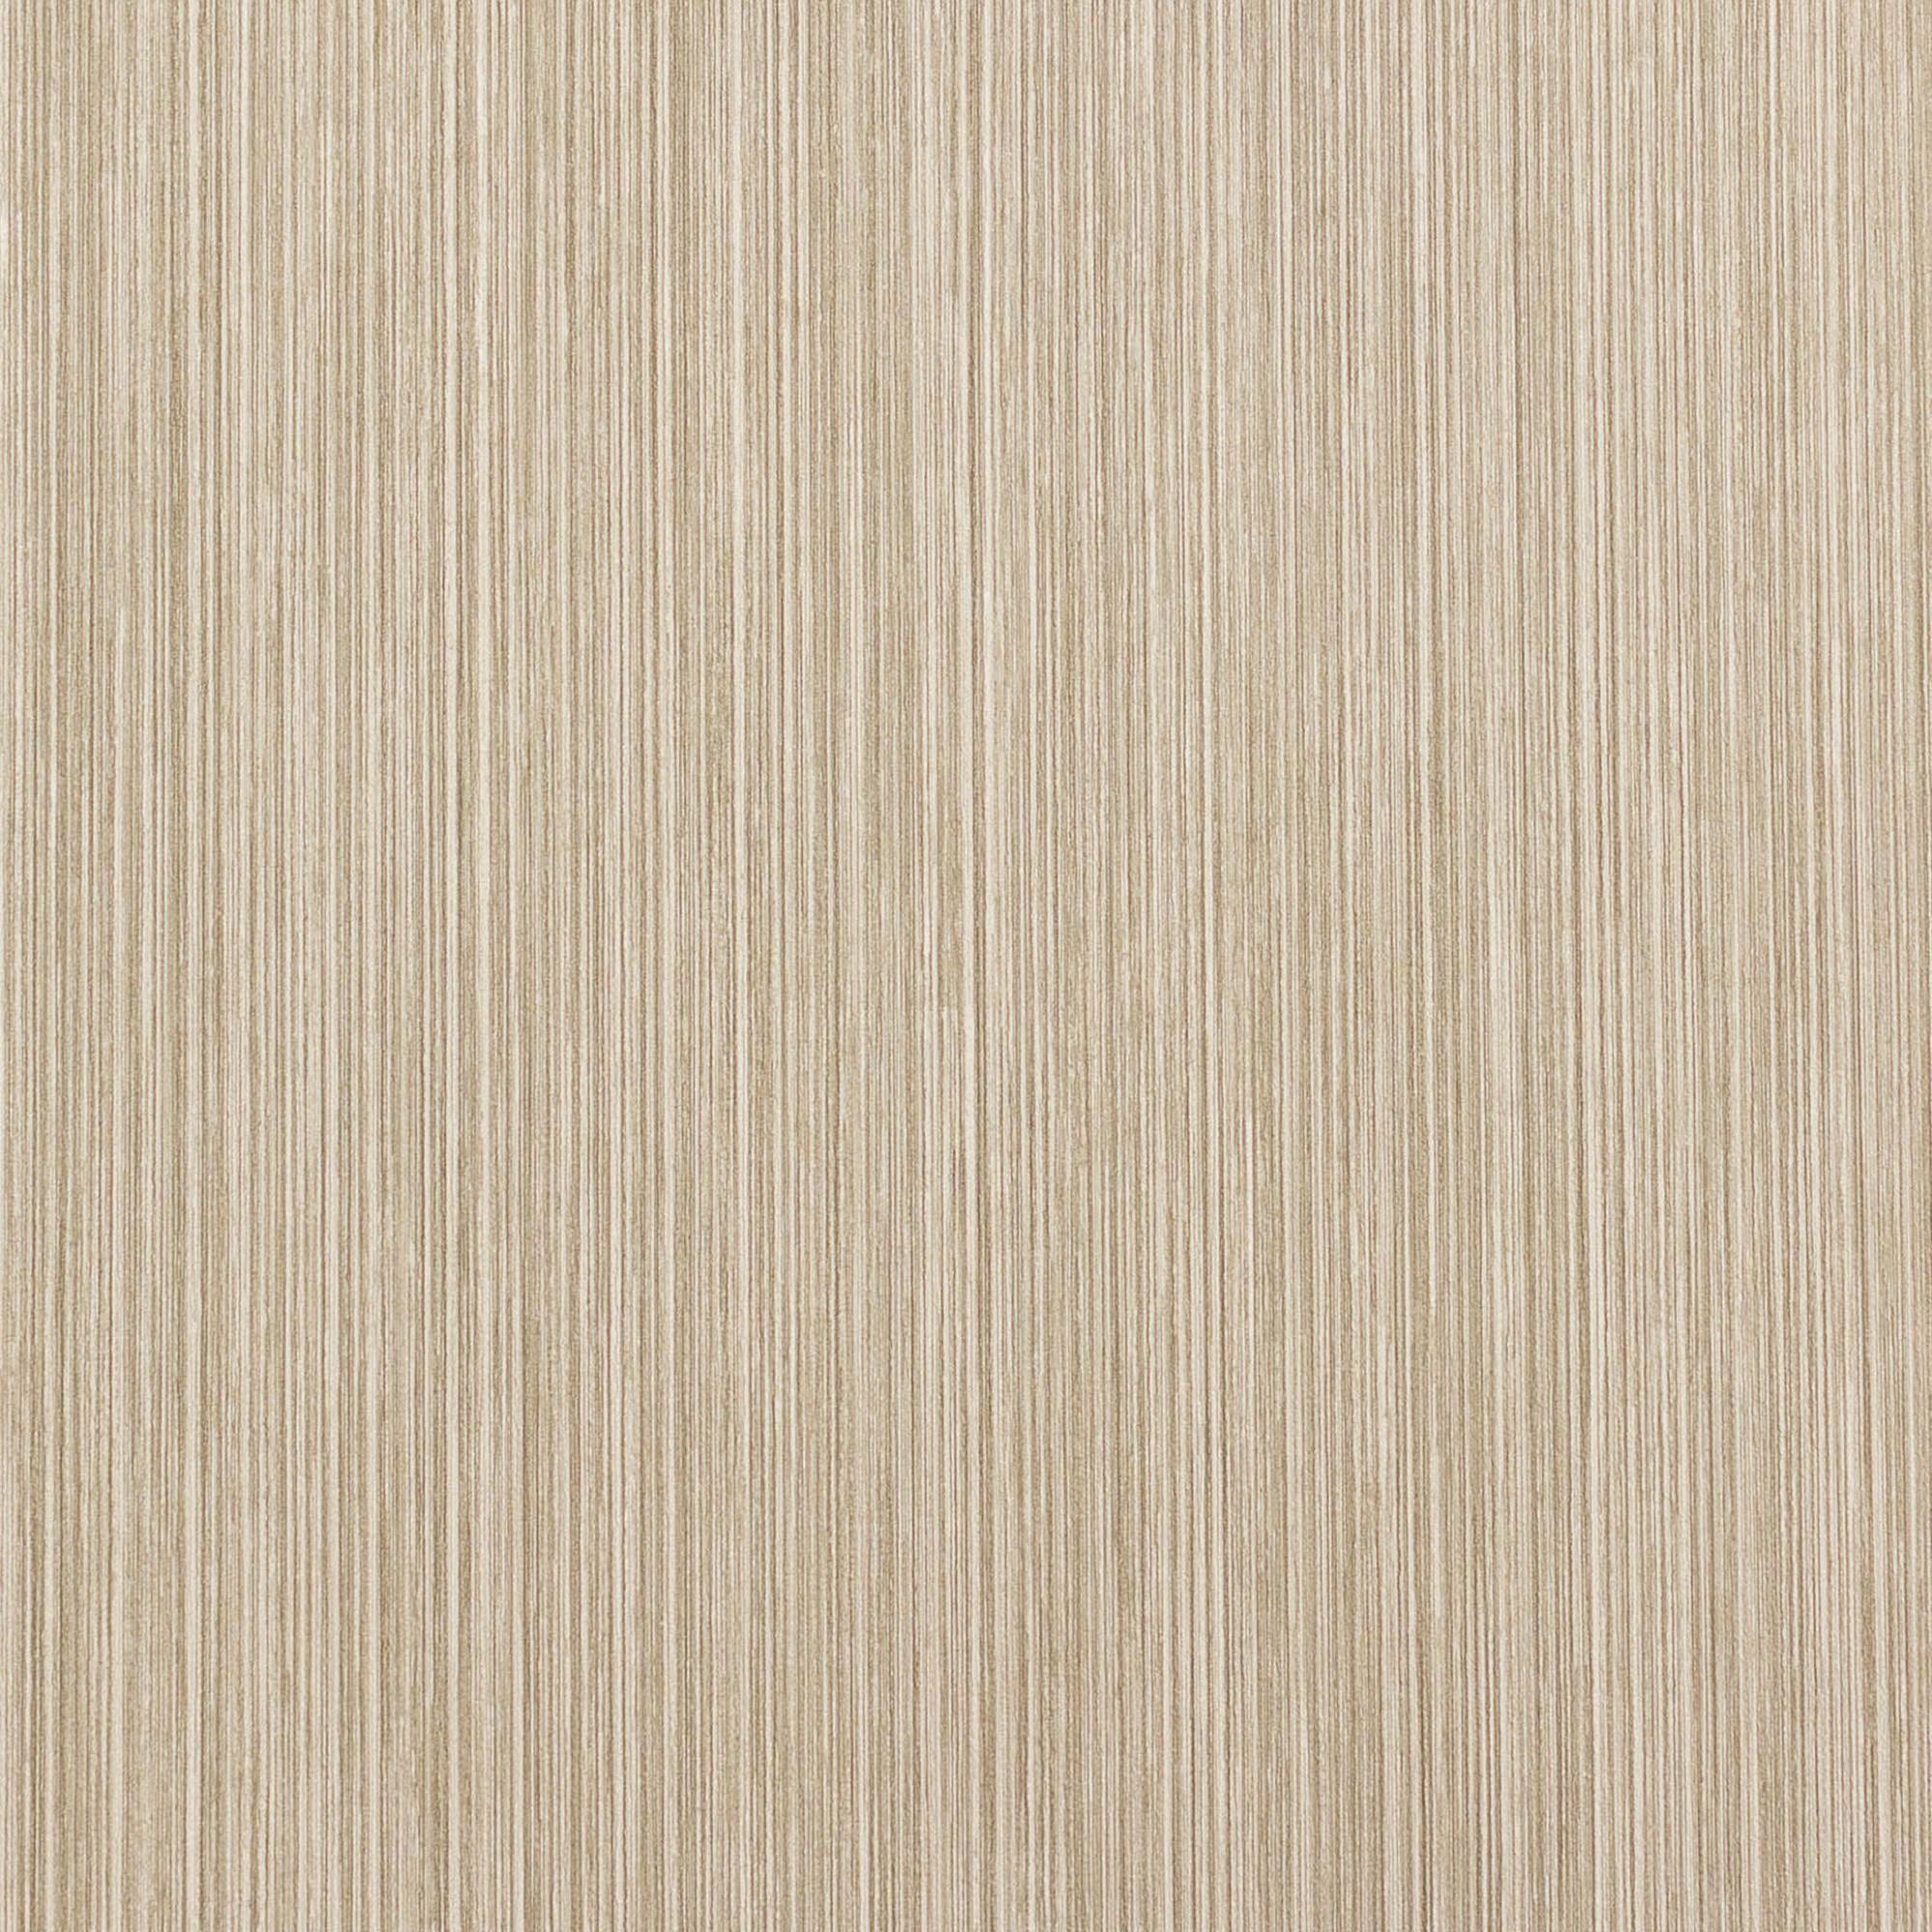 tapete vlies streifen beige rasch perfecto 781434. Black Bedroom Furniture Sets. Home Design Ideas